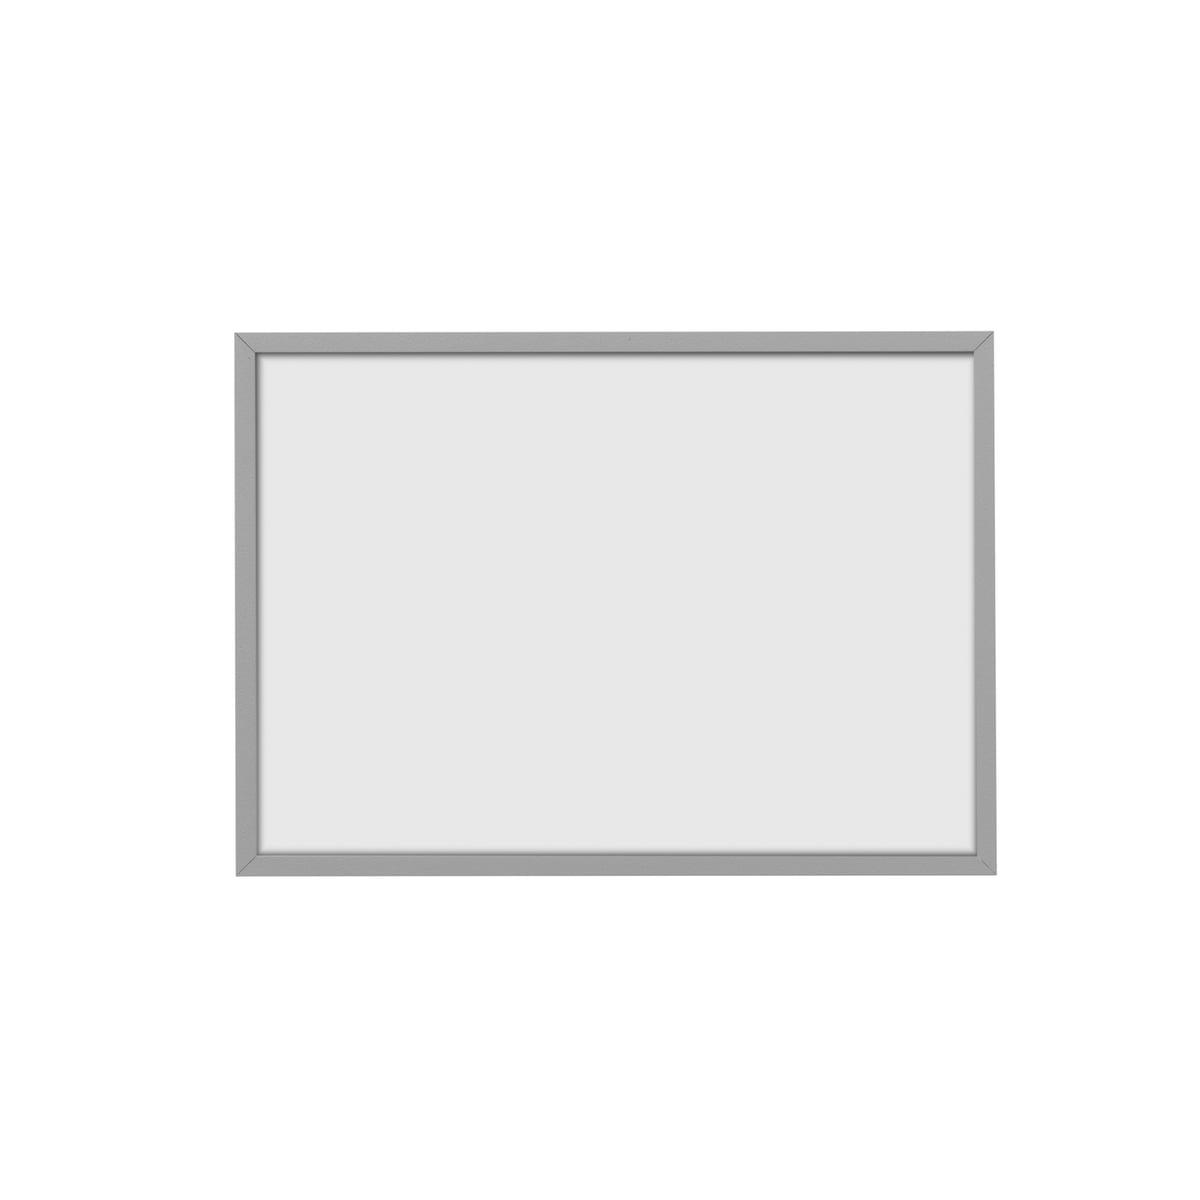 grau-glas Rahmen online kaufen | Möbel-Suchmaschine | ladendirekt.de